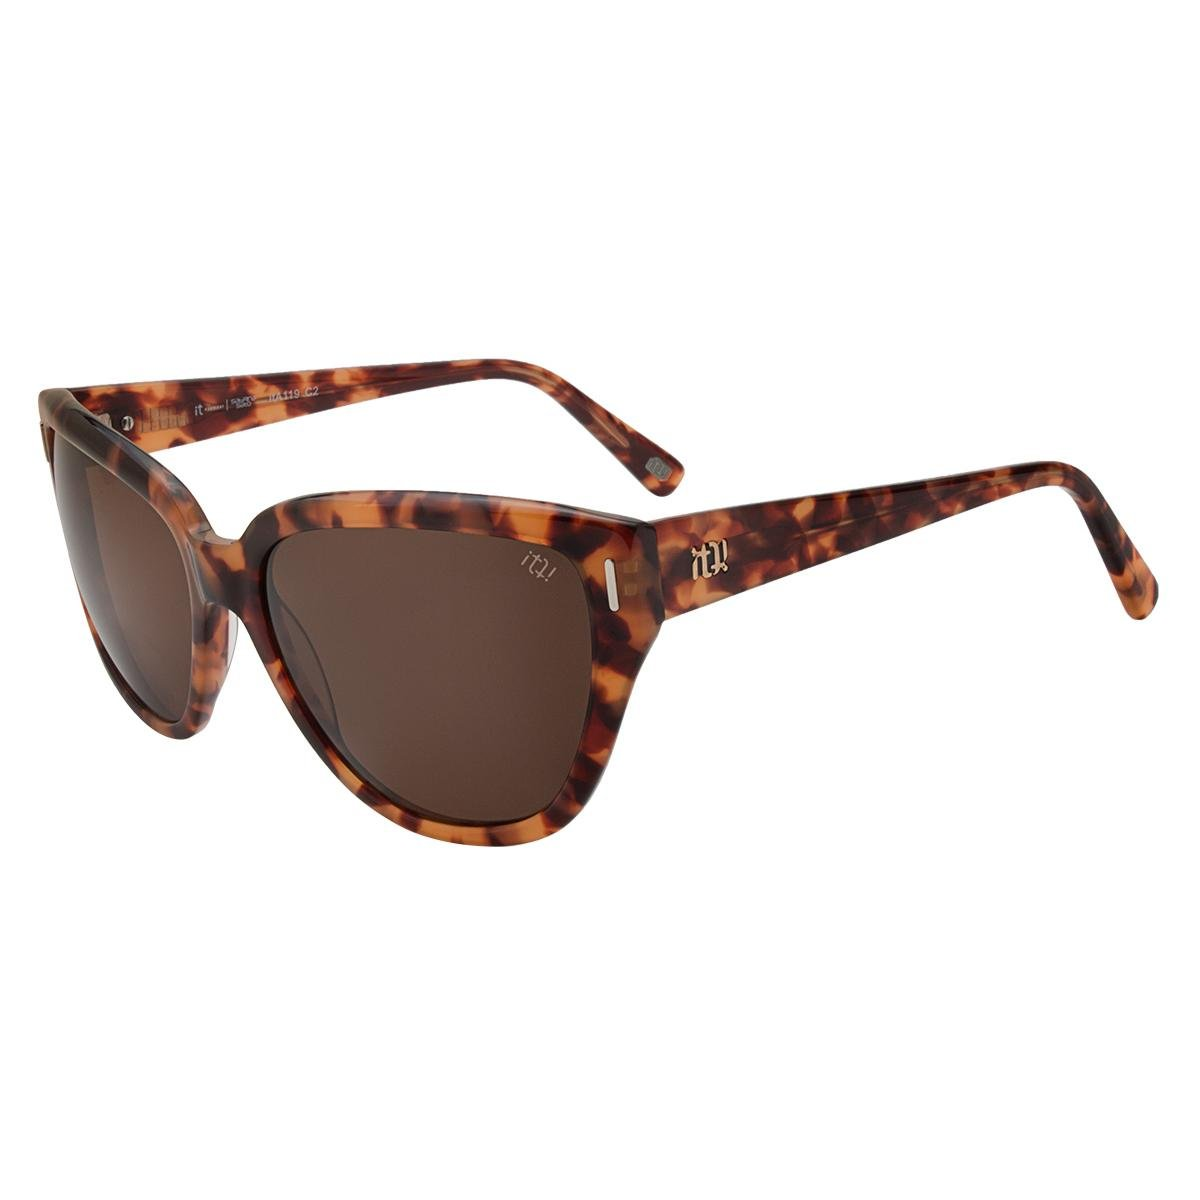 Óculos De Sol It Eyewear Branché A119 - C3 - Feminino - Compre Agora ... 72d483fb97